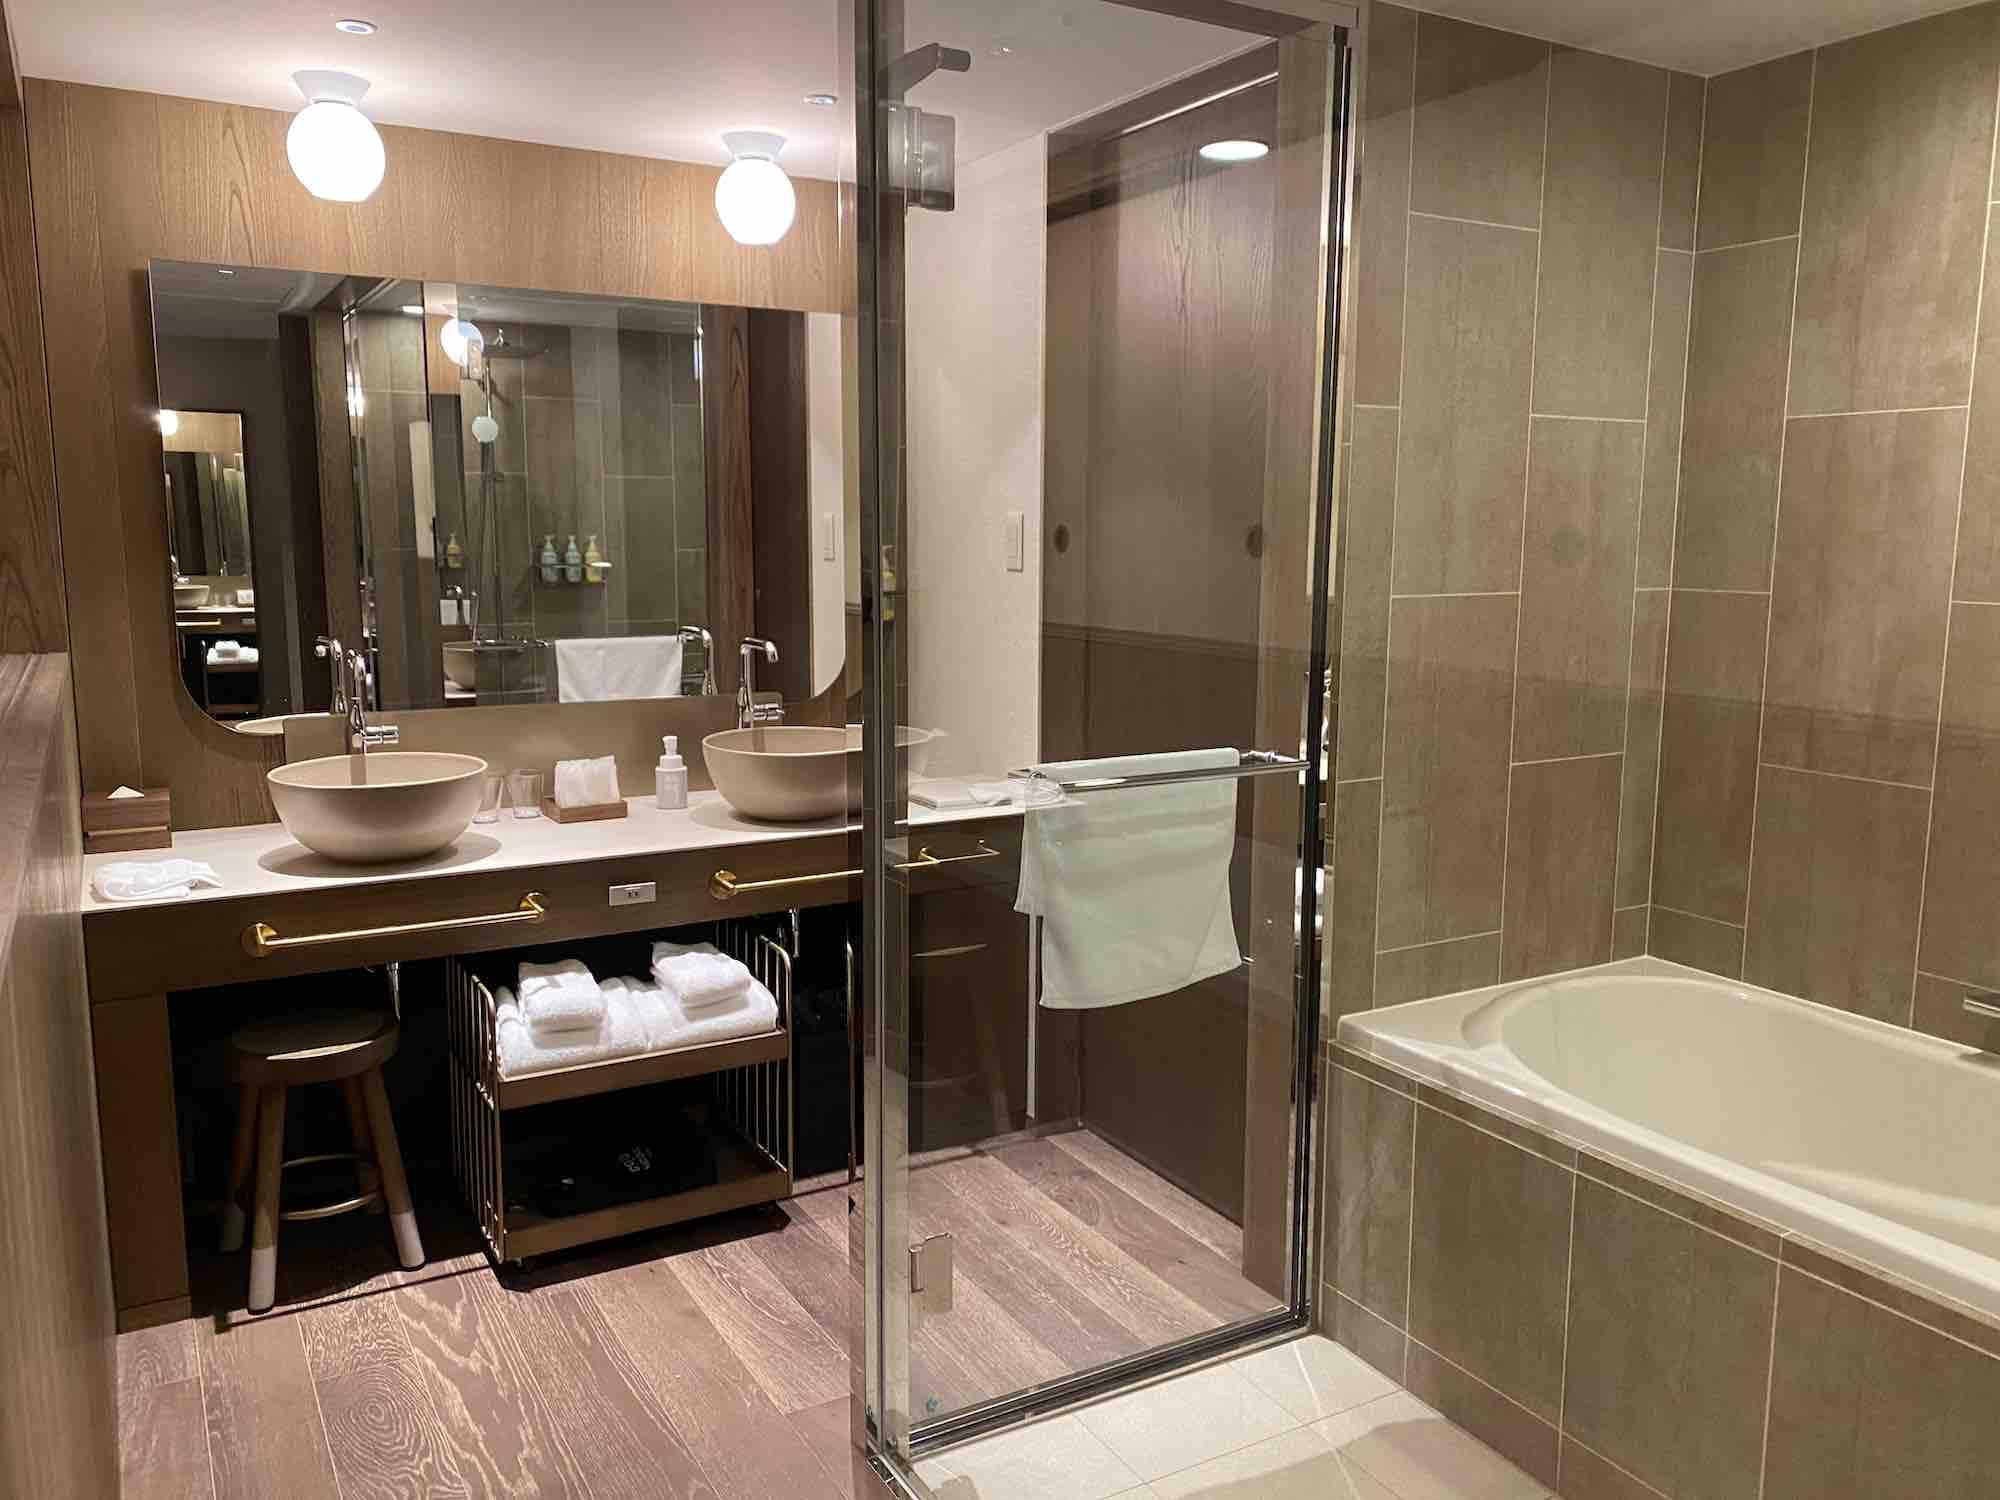 京都グッドネイチャーホテル バスルーム・洗面台